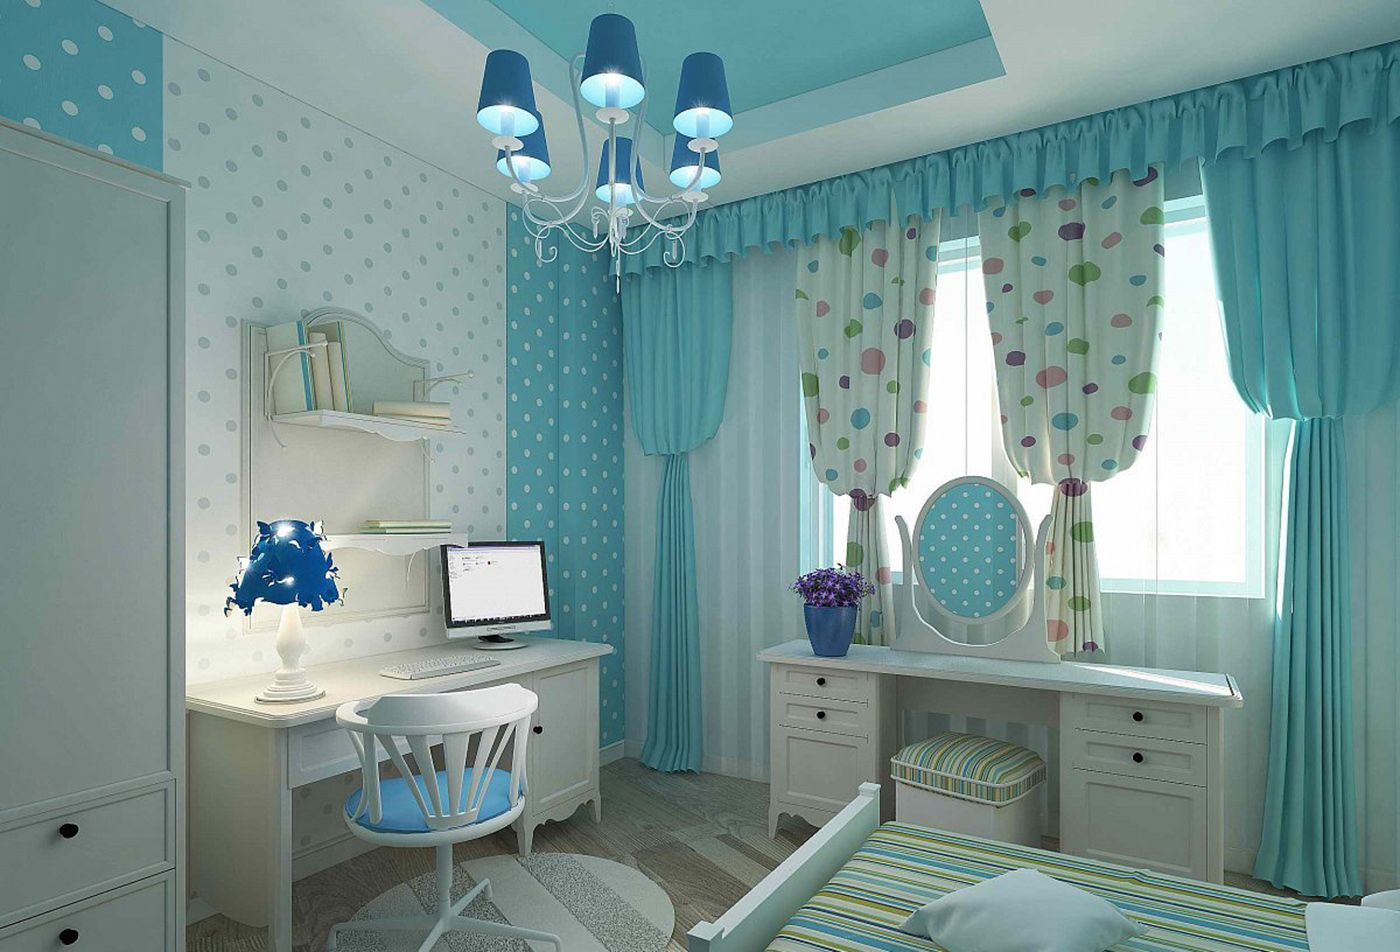 Untuk Wallpaper Biru Yang Sesuai Dengan Langsir 42 Gambar Bagaimana Untuk Memilih Warna Tirai Sesuai Untuk Tulle Atau Tidak